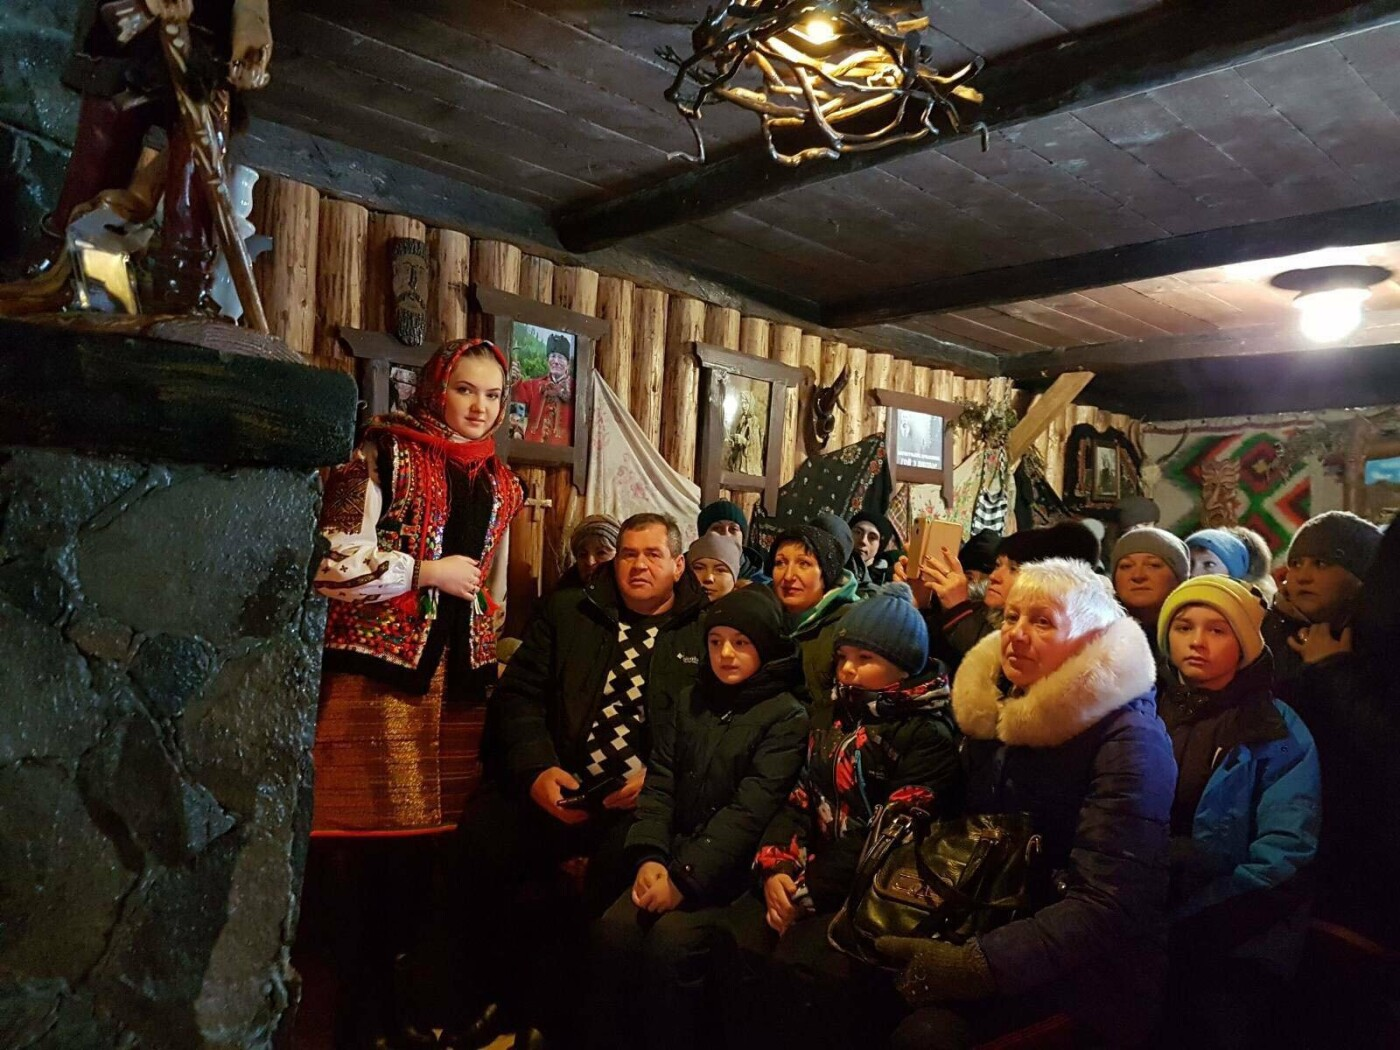 Турагентство «Vиктория» приглашает лозовчан отдохнуть в незабываемой Шри-Ланке и посетить Рождественскую сказку в Яремче, фото-32